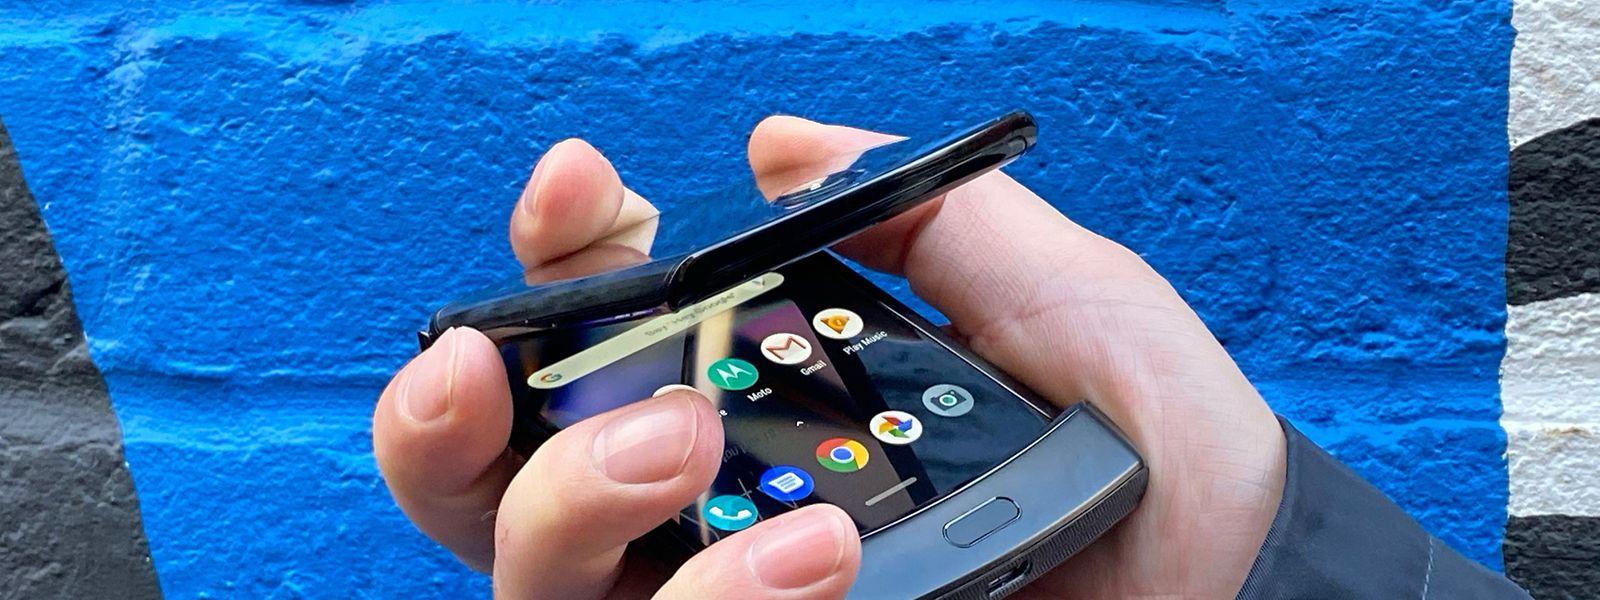 Klapphandy vor der Wiederauferstehung: Motorola will im ersten Quartal 2020 sein Smartphone Razr wieder auf den Markt bringen.